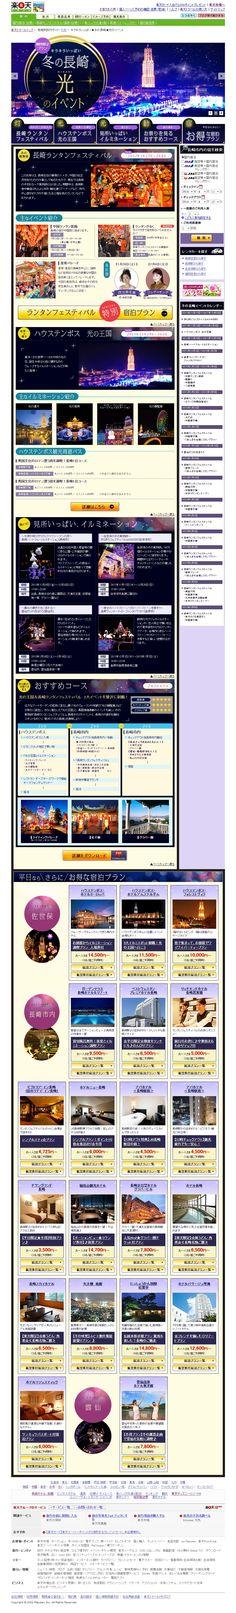 【旅頃】1214長崎県楽天トラベル冬期タイアップ※広告案件※ 夜景 紫 冬 http://travel.rakuten.co.jp/movement/nagasaki/201112/